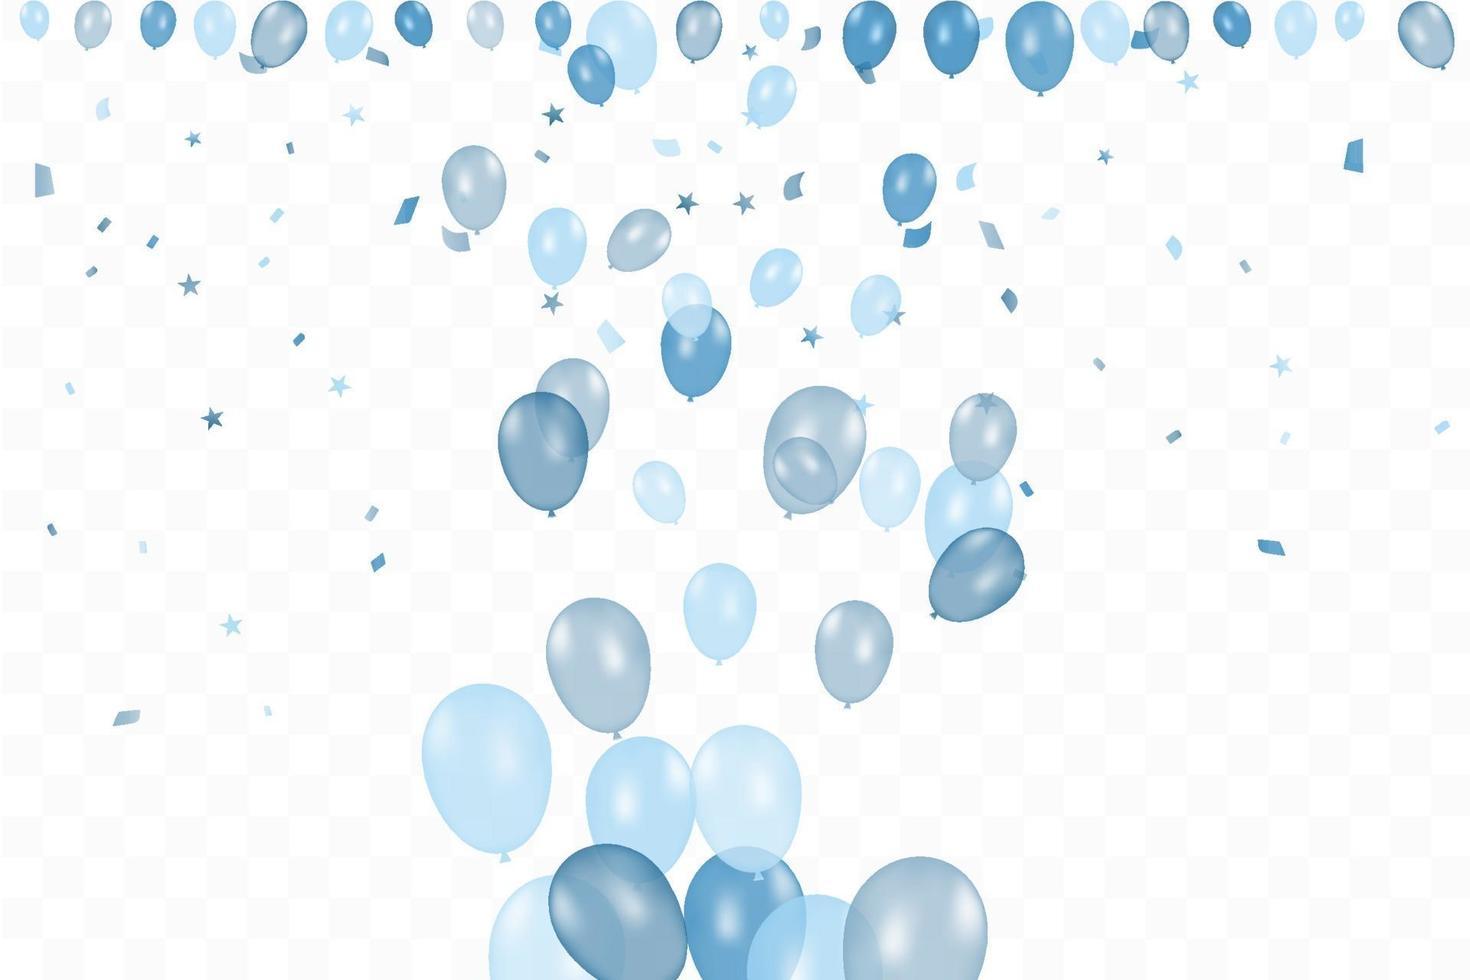 l'anniversaire du garçon. fond de joyeux anniversaire avec des ballons bleus et des confettis. fête de l'événement de célébration. vecteur